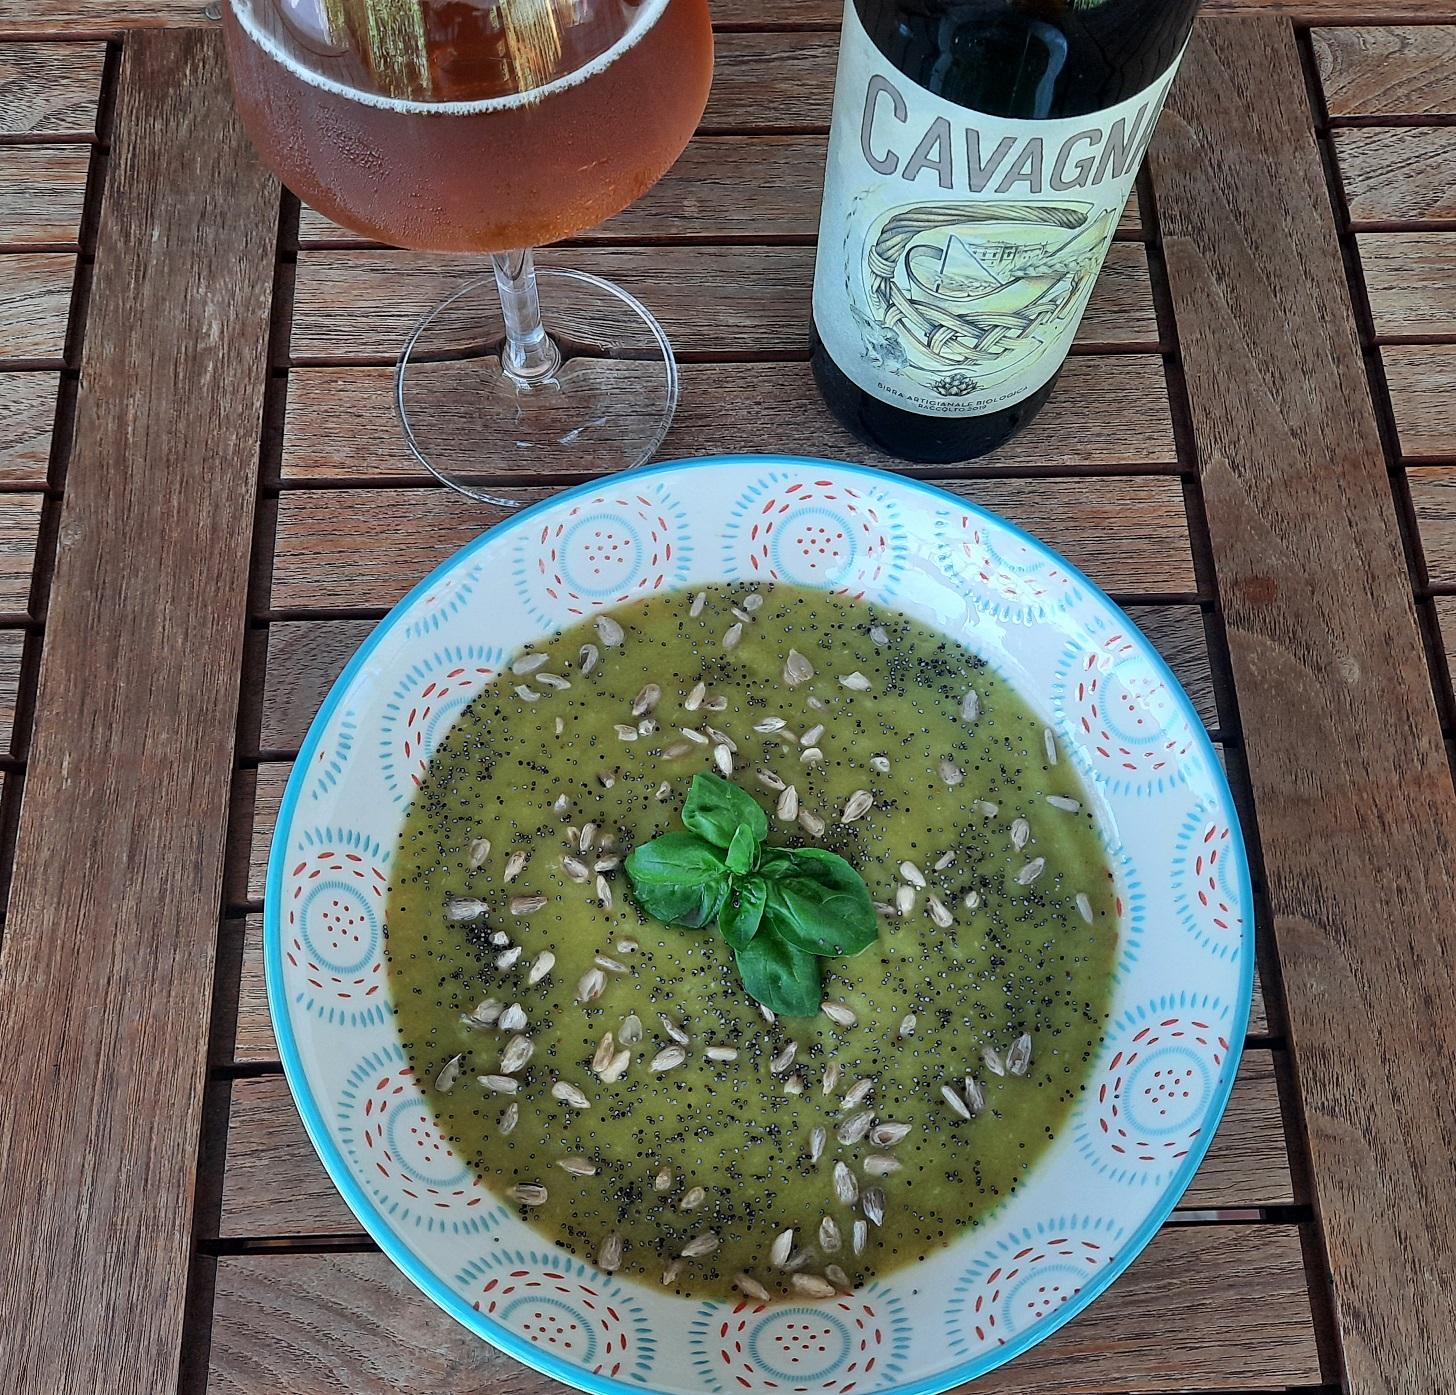 Vellutata di zucchine dell'orto e birra Cavagna®(bio)